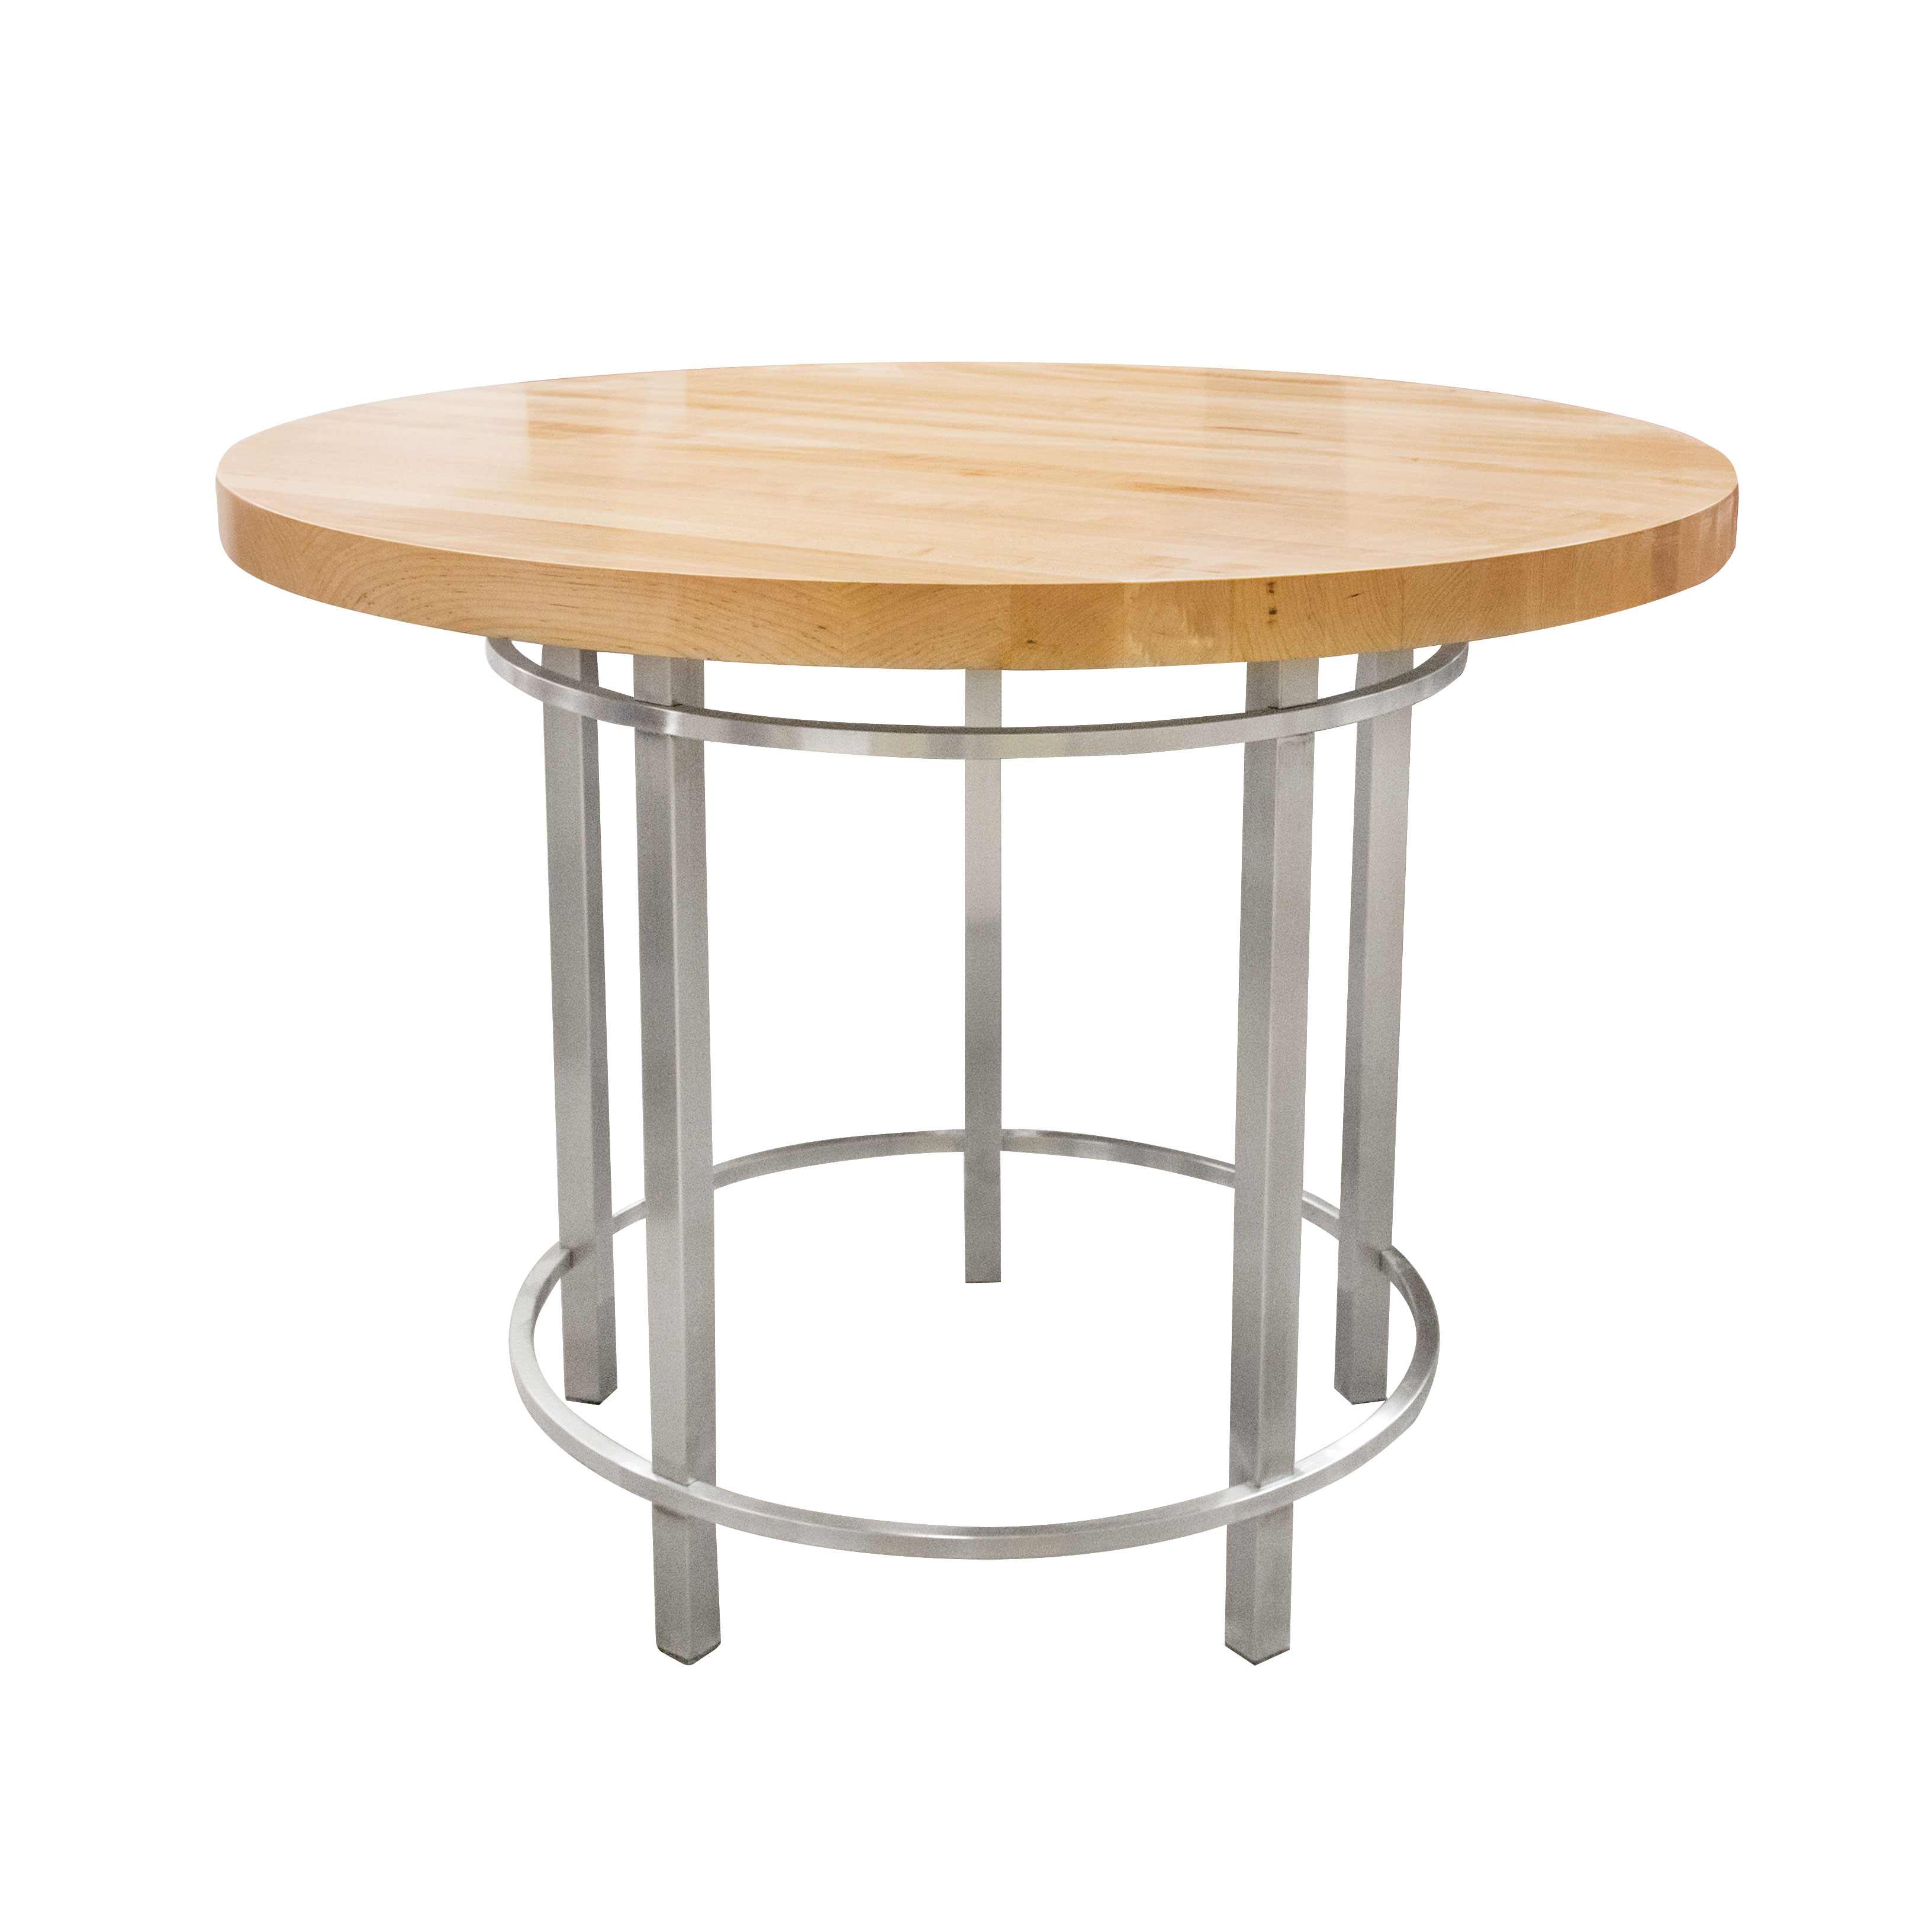 John Boos MET-OA36-EDGE-32B-V table, utility